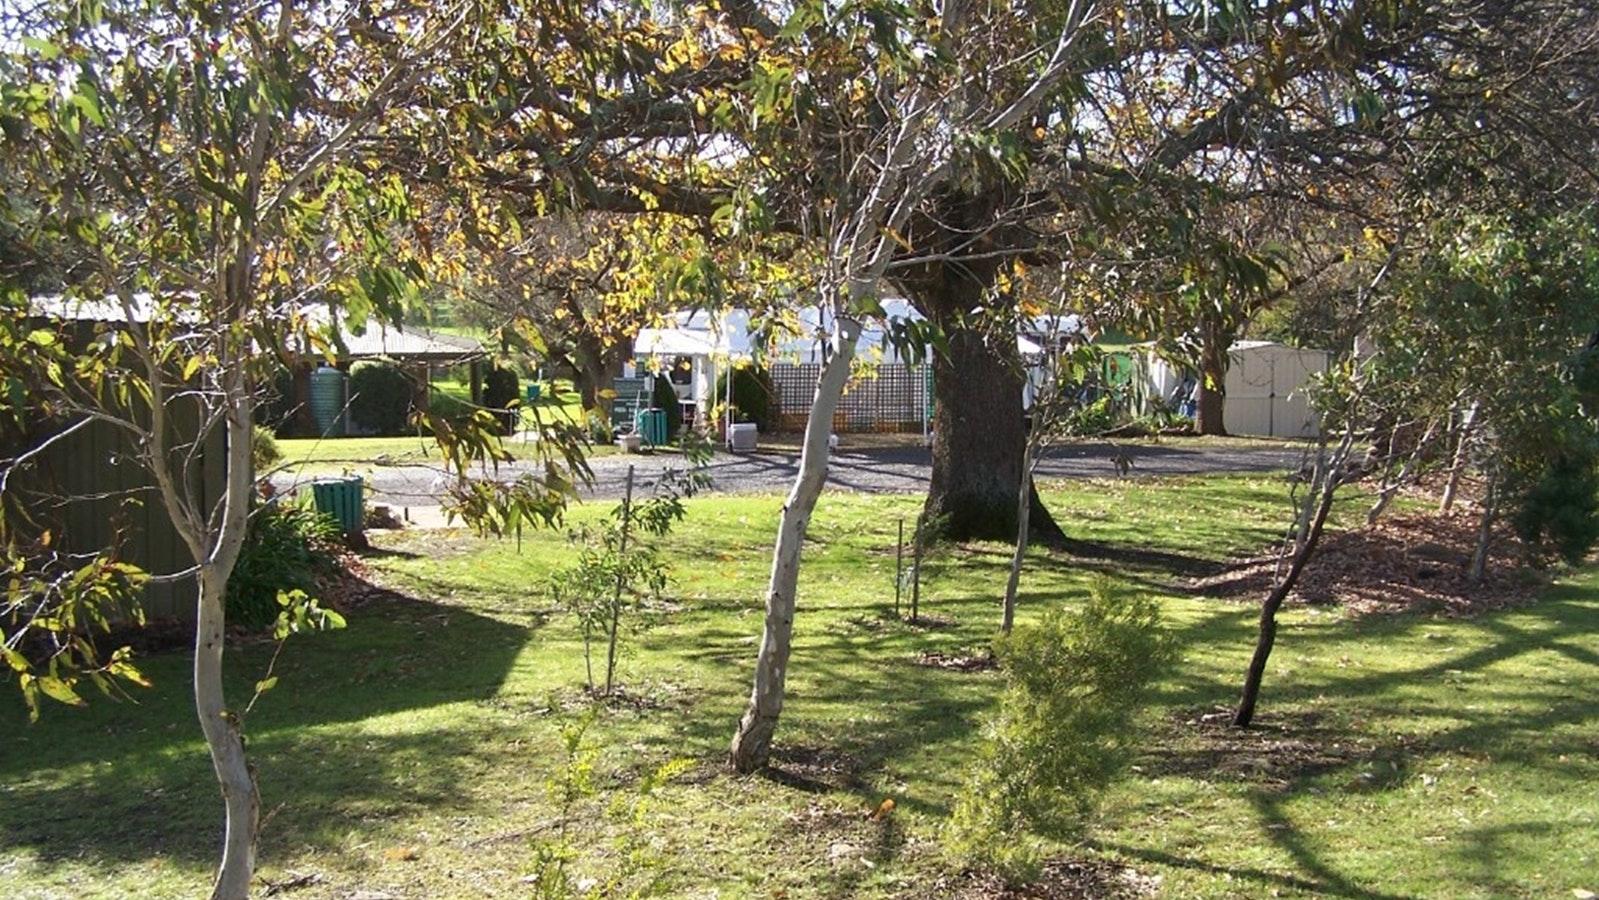 Pleasant shady trees